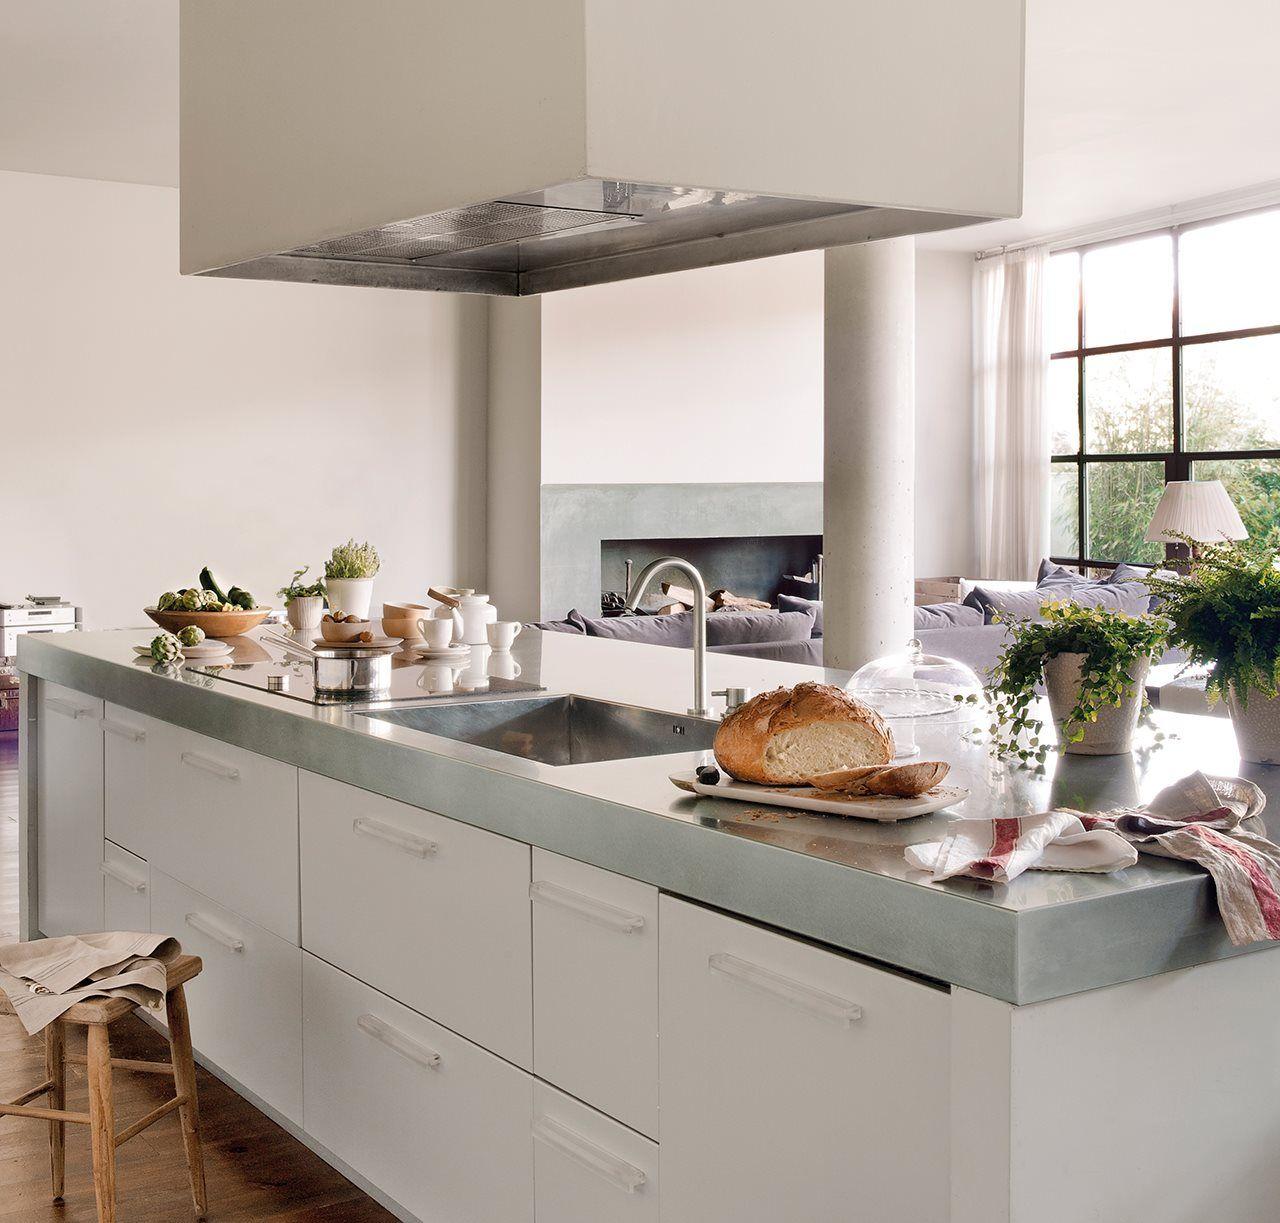 Amplia cocina blanca con isla y banco de madera | Almacén convertido ...